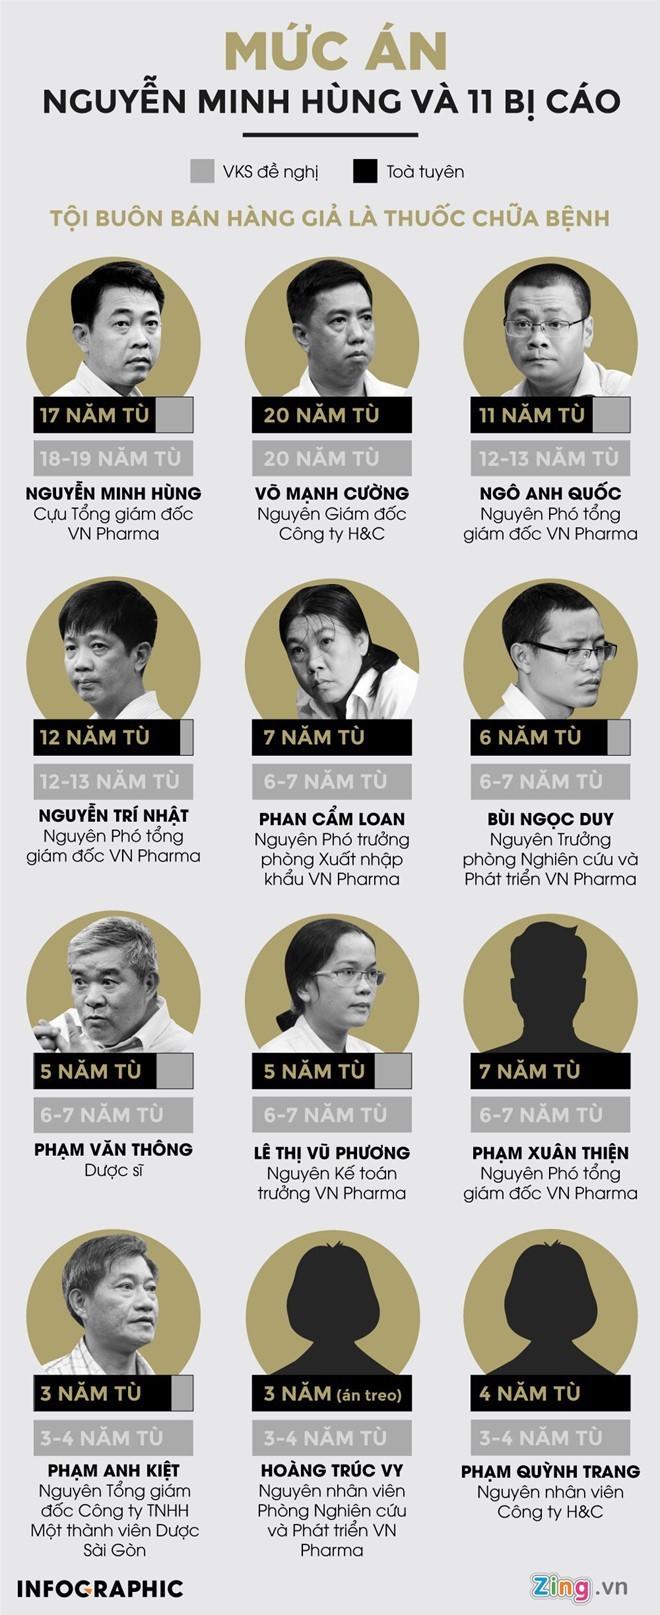 Tiep tuc khoi to cuu Tong giam doc VN Pharma-Hinh-2